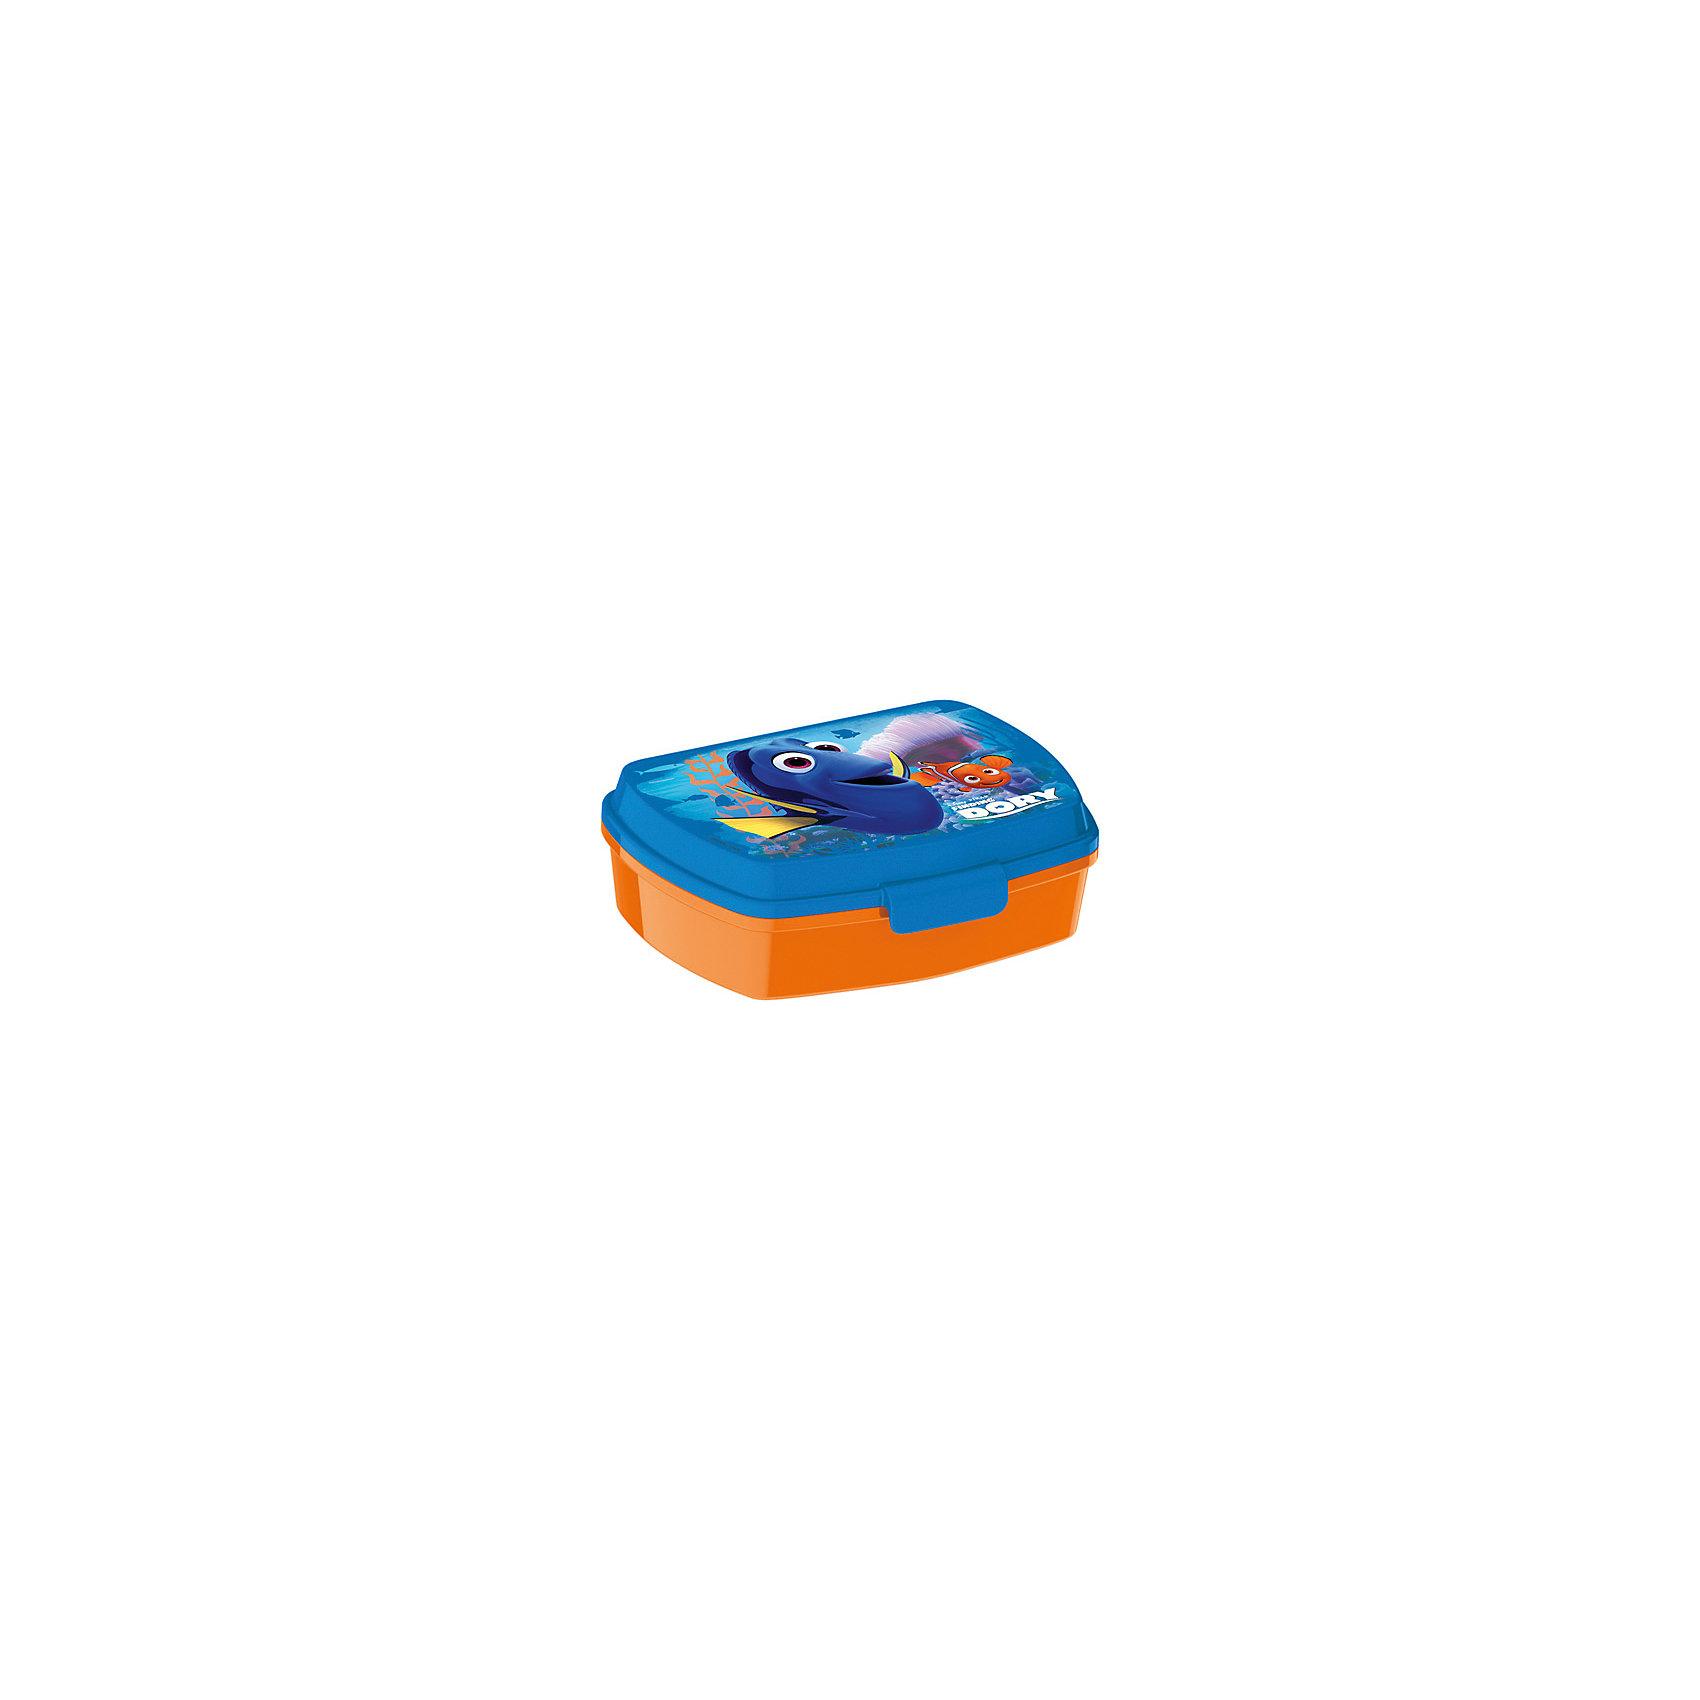 Бутербродница В поисках Дори 17,5*14x5,8 смХарактеристики товара:<br><br>• материал: пластик<br>• размер: 17x14x6 см<br>• для бутербродов<br>• вес: 90 г<br>• с рисунком<br><br>Такая бутербродница станет отличным подарком для ребенка! Она отличается тем, что на предмете изображена Дори из мультика В поисках Дори. Есть из предметов с любимым героем многих современных детей - всегда приятнее. Бутербродница очень удобна, объем оптимален для детей, сюда как раз вместятся бутерброды. Плюс - изделие дополнено специальной крышкой. Использовать его можно и в школе, и на улице!<br>Бутербродница выпущена в удобном формате, размер - универсальный. Изделие производится из качественных и проверенных материалов, которые безопасны для детей.<br><br>Бутербродницу В поисках Дори можно купить в нашем интернет-магазине.<br><br>Ширина мм: 175<br>Глубина мм: 140<br>Высота мм: 58<br>Вес г: 90<br>Возраст от месяцев: 36<br>Возраст до месяцев: 120<br>Пол: Унисекс<br>Возраст: Детский<br>SKU: 5220406